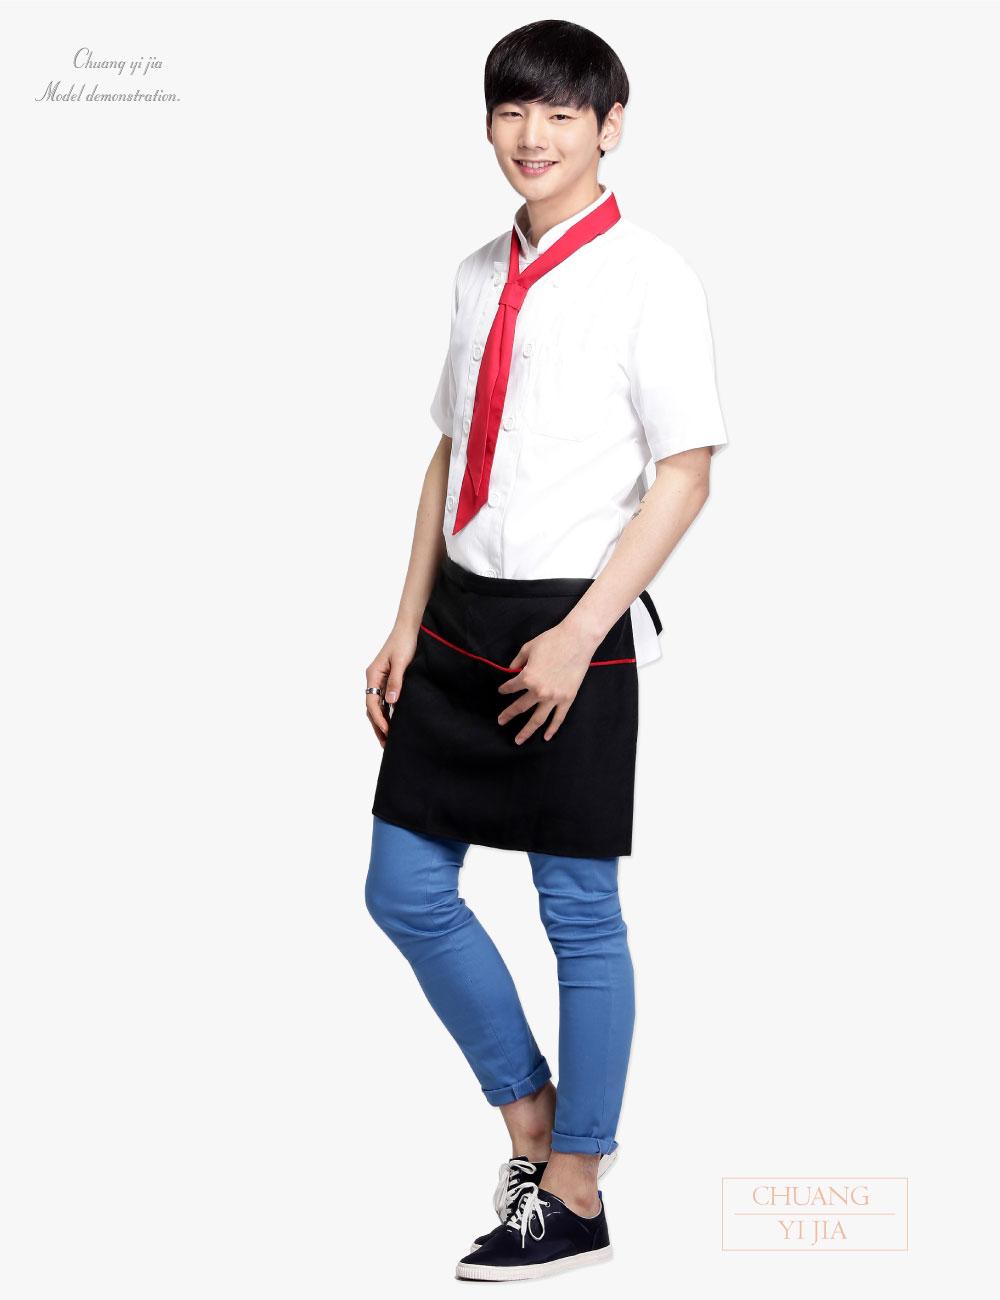 外場圍裙半截,工作圍裙,專業圍裙,廚師圍裙,烘培圍裙,園藝圍裙,防髒圍裙,日式圍裙,半截圍裙,圍裙訂製,職人日式圍裙圍